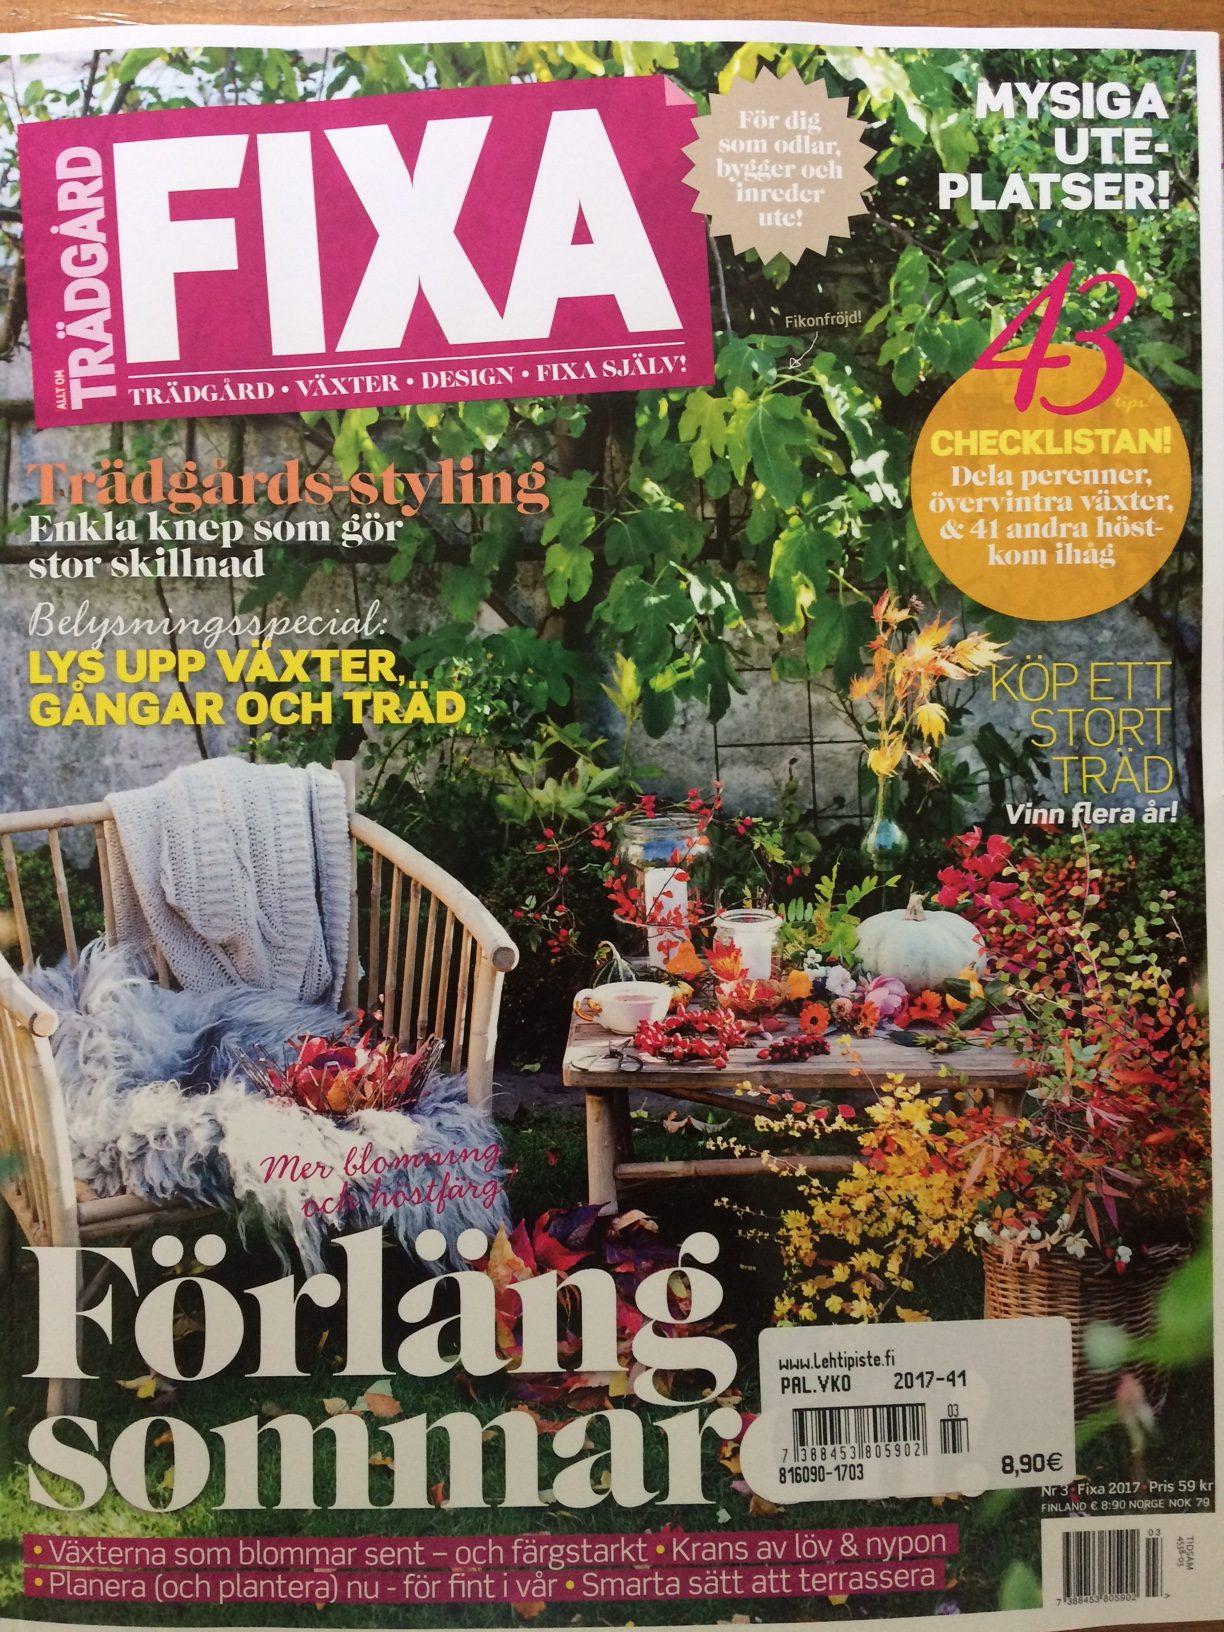 fixa cover with fleimio woodhopper